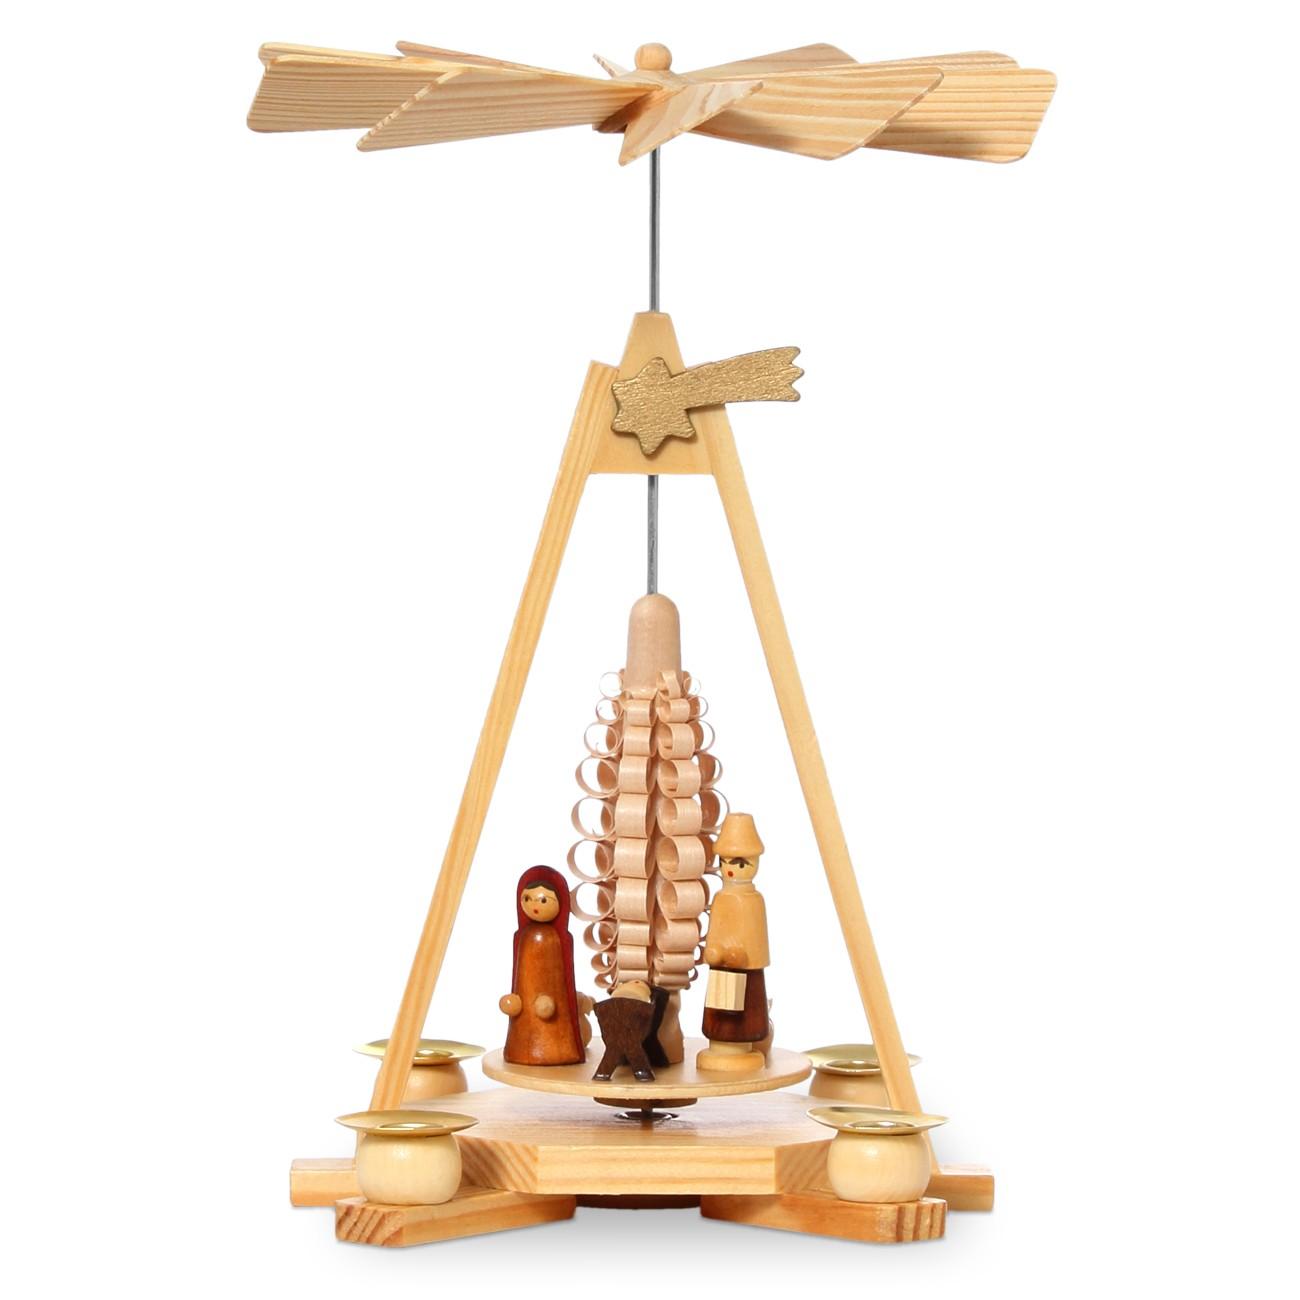 sikora klassische holz weihnachtspyramide mit krippen motiv f r wachskerzen h 26cm. Black Bedroom Furniture Sets. Home Design Ideas